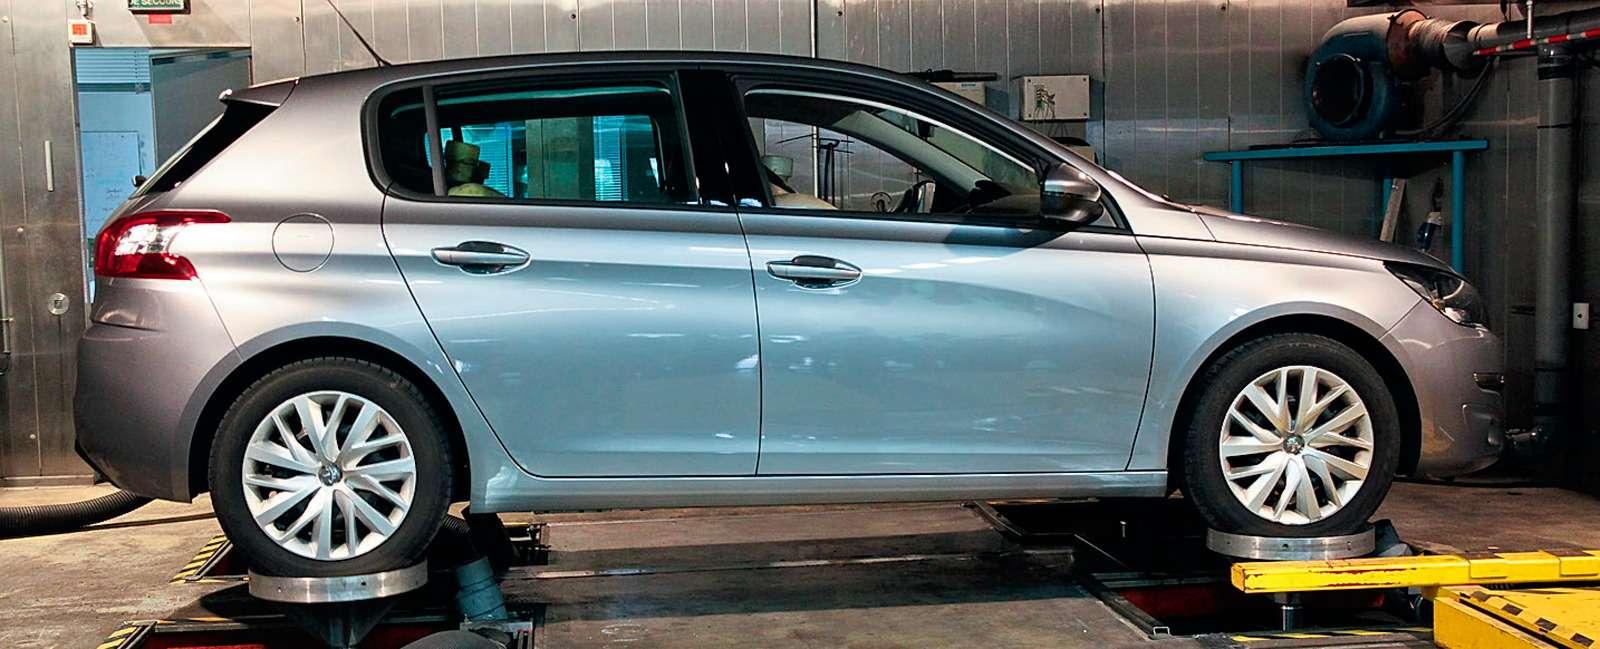 Ресурсные испытания Peugeot 308: чтобы выжить вРоссии— фото 580374